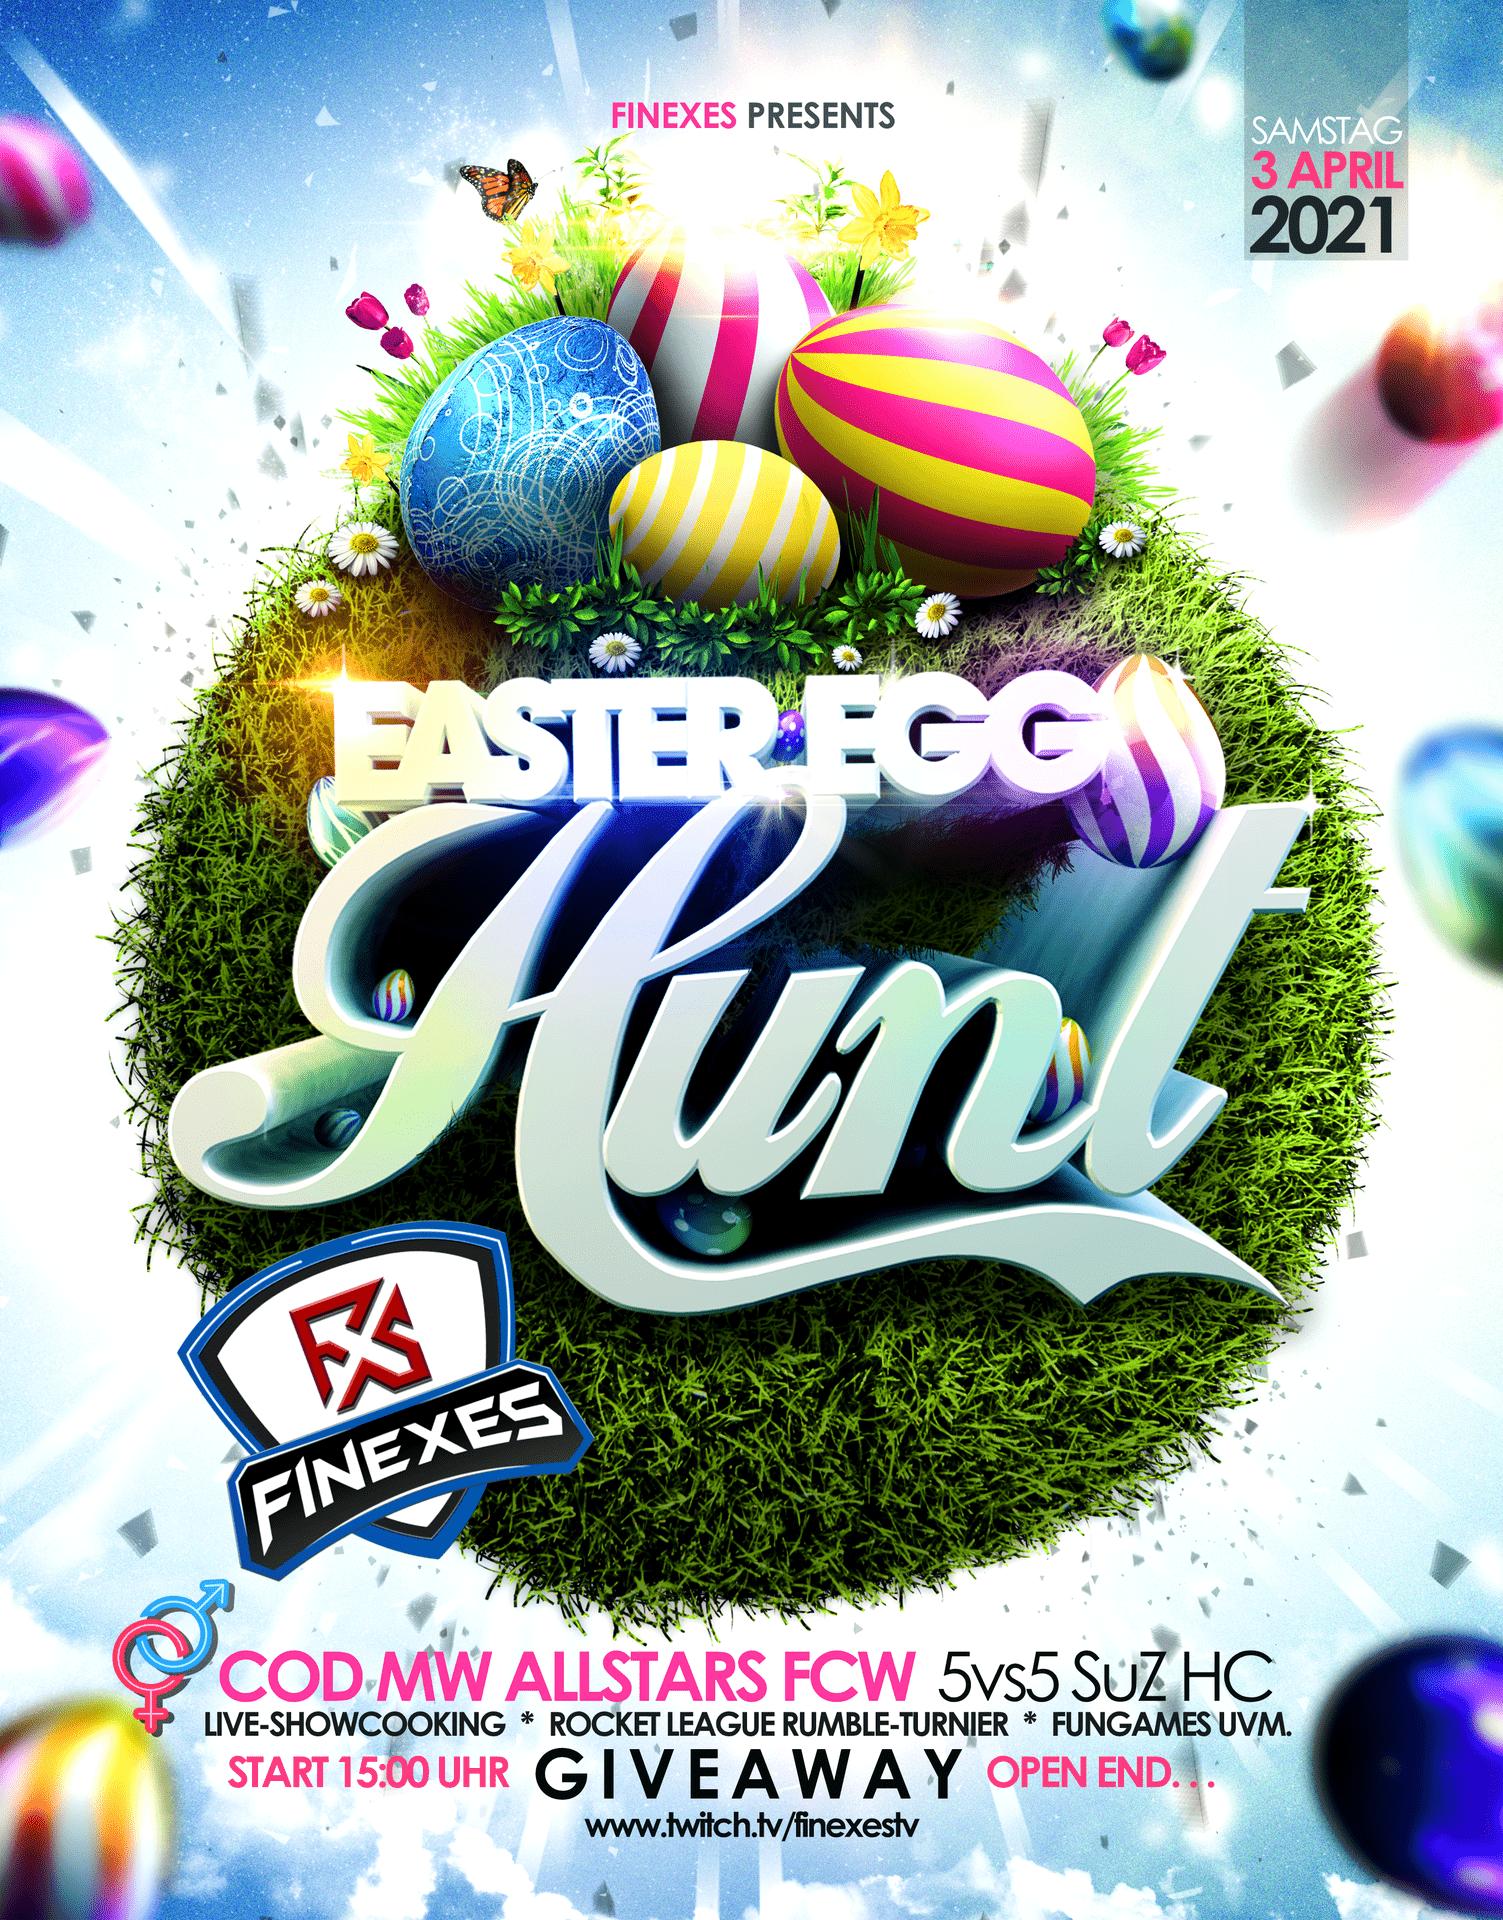 FXS_Easter_Egg_Hunt_2021_Vertical.png